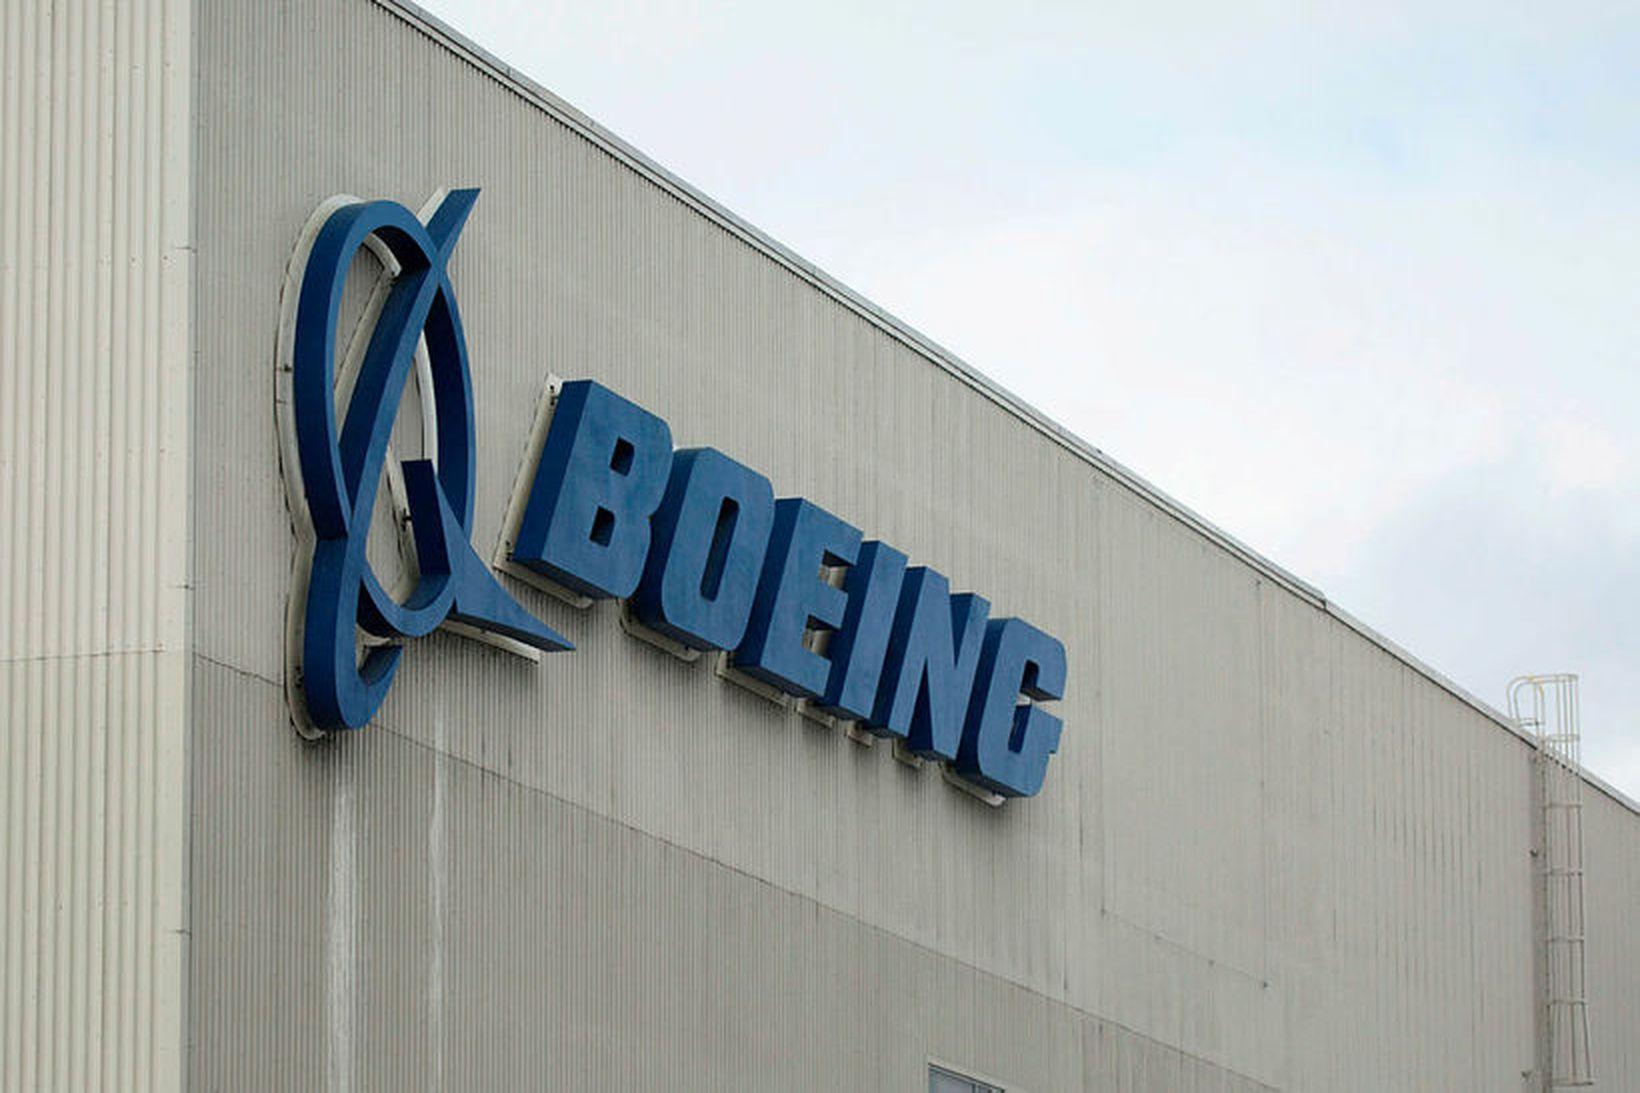 Boeing á enn eftir að leggja endanlega útgáfu hugbúnaðarbreytinganna fram, …